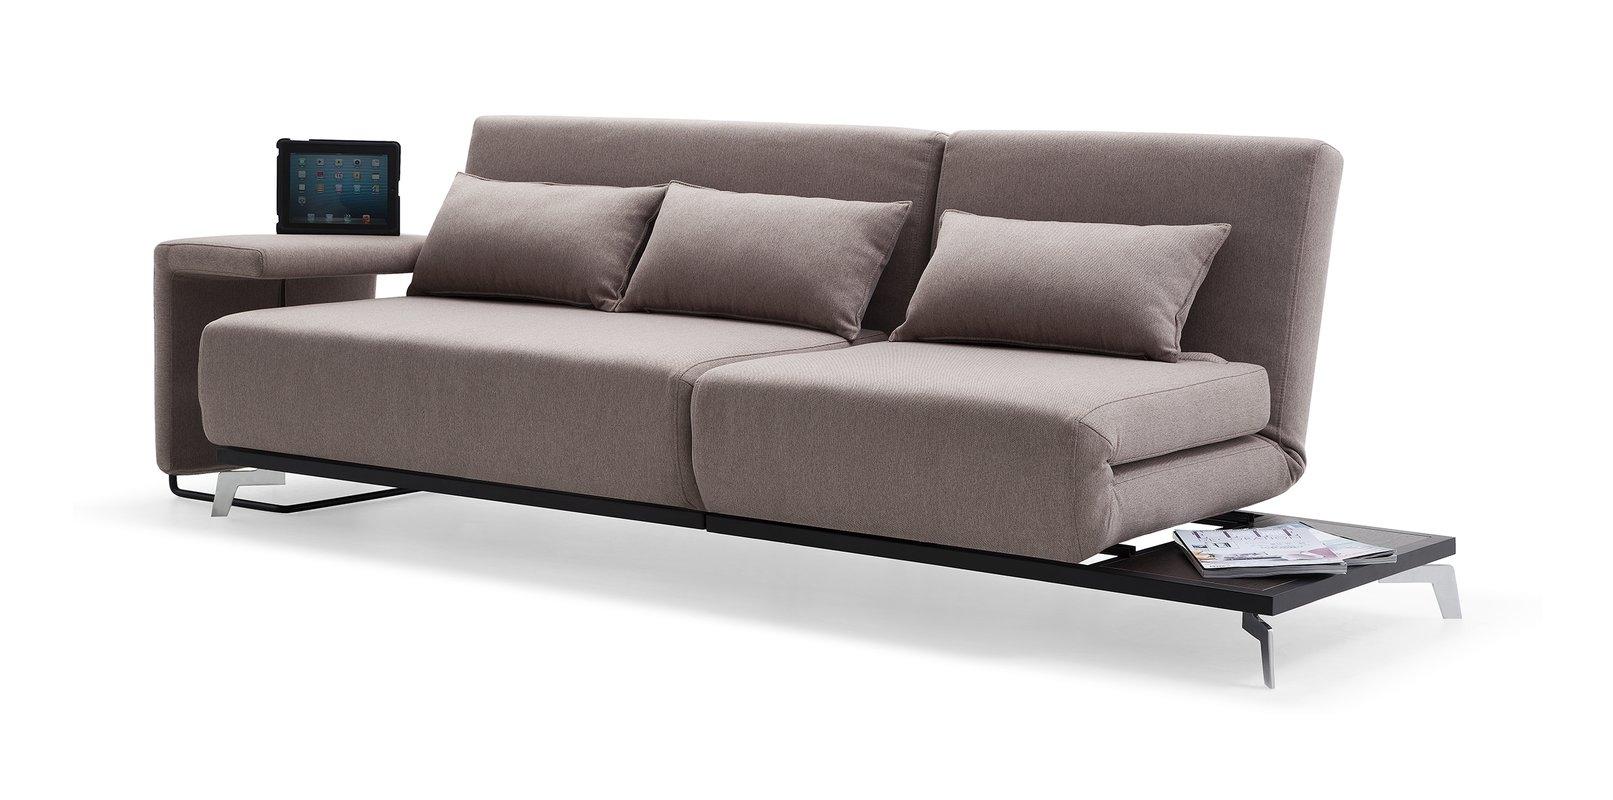 Brayden Studio Demelo Convertible Sofa & Reviews | Wayfair Regarding Convertible Sofas (View 3 of 10)